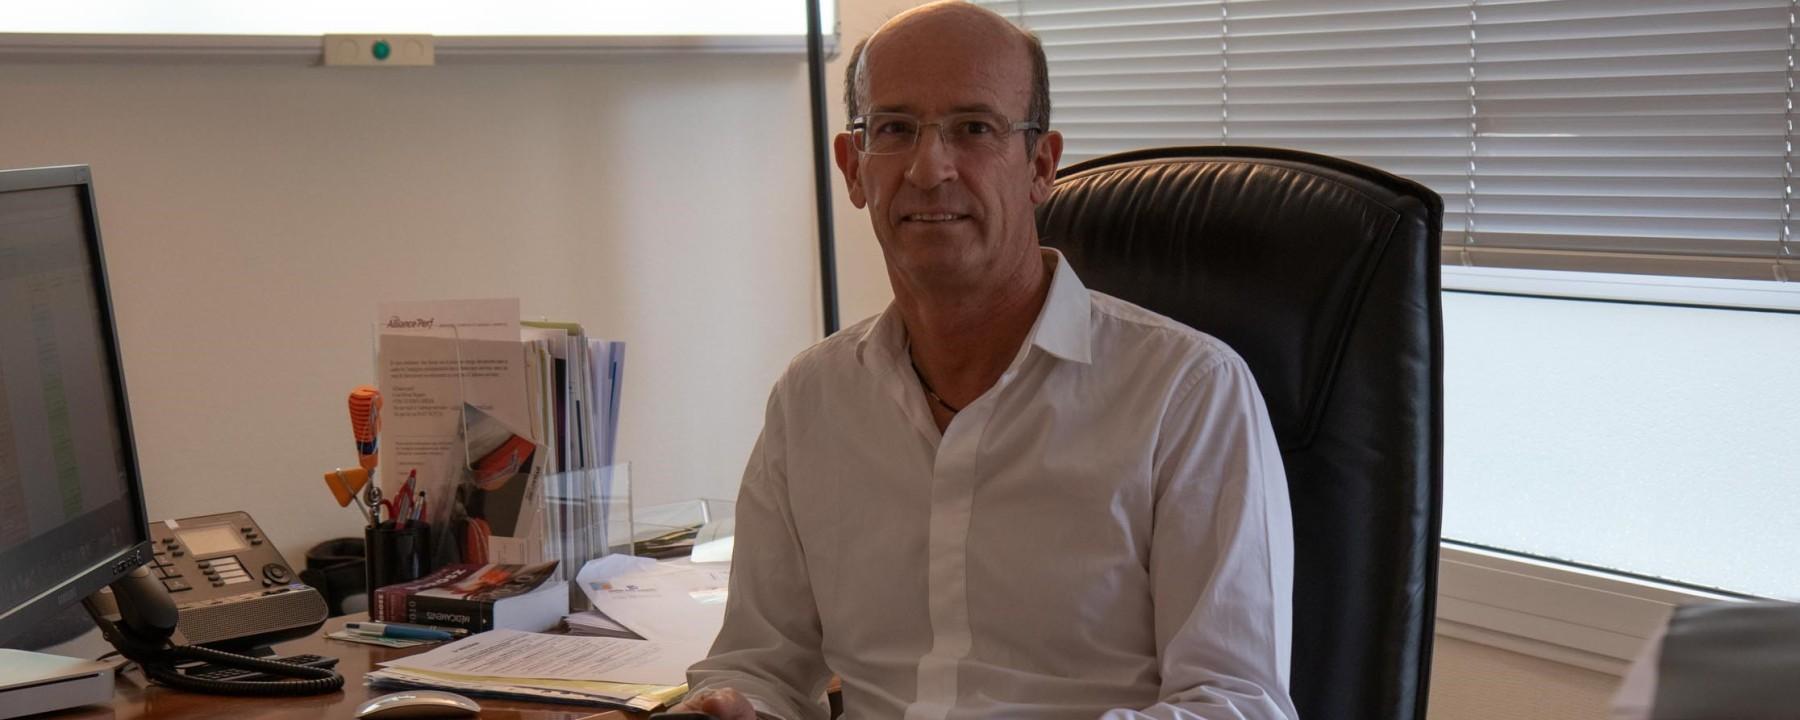 Dr Daniel Nérisson